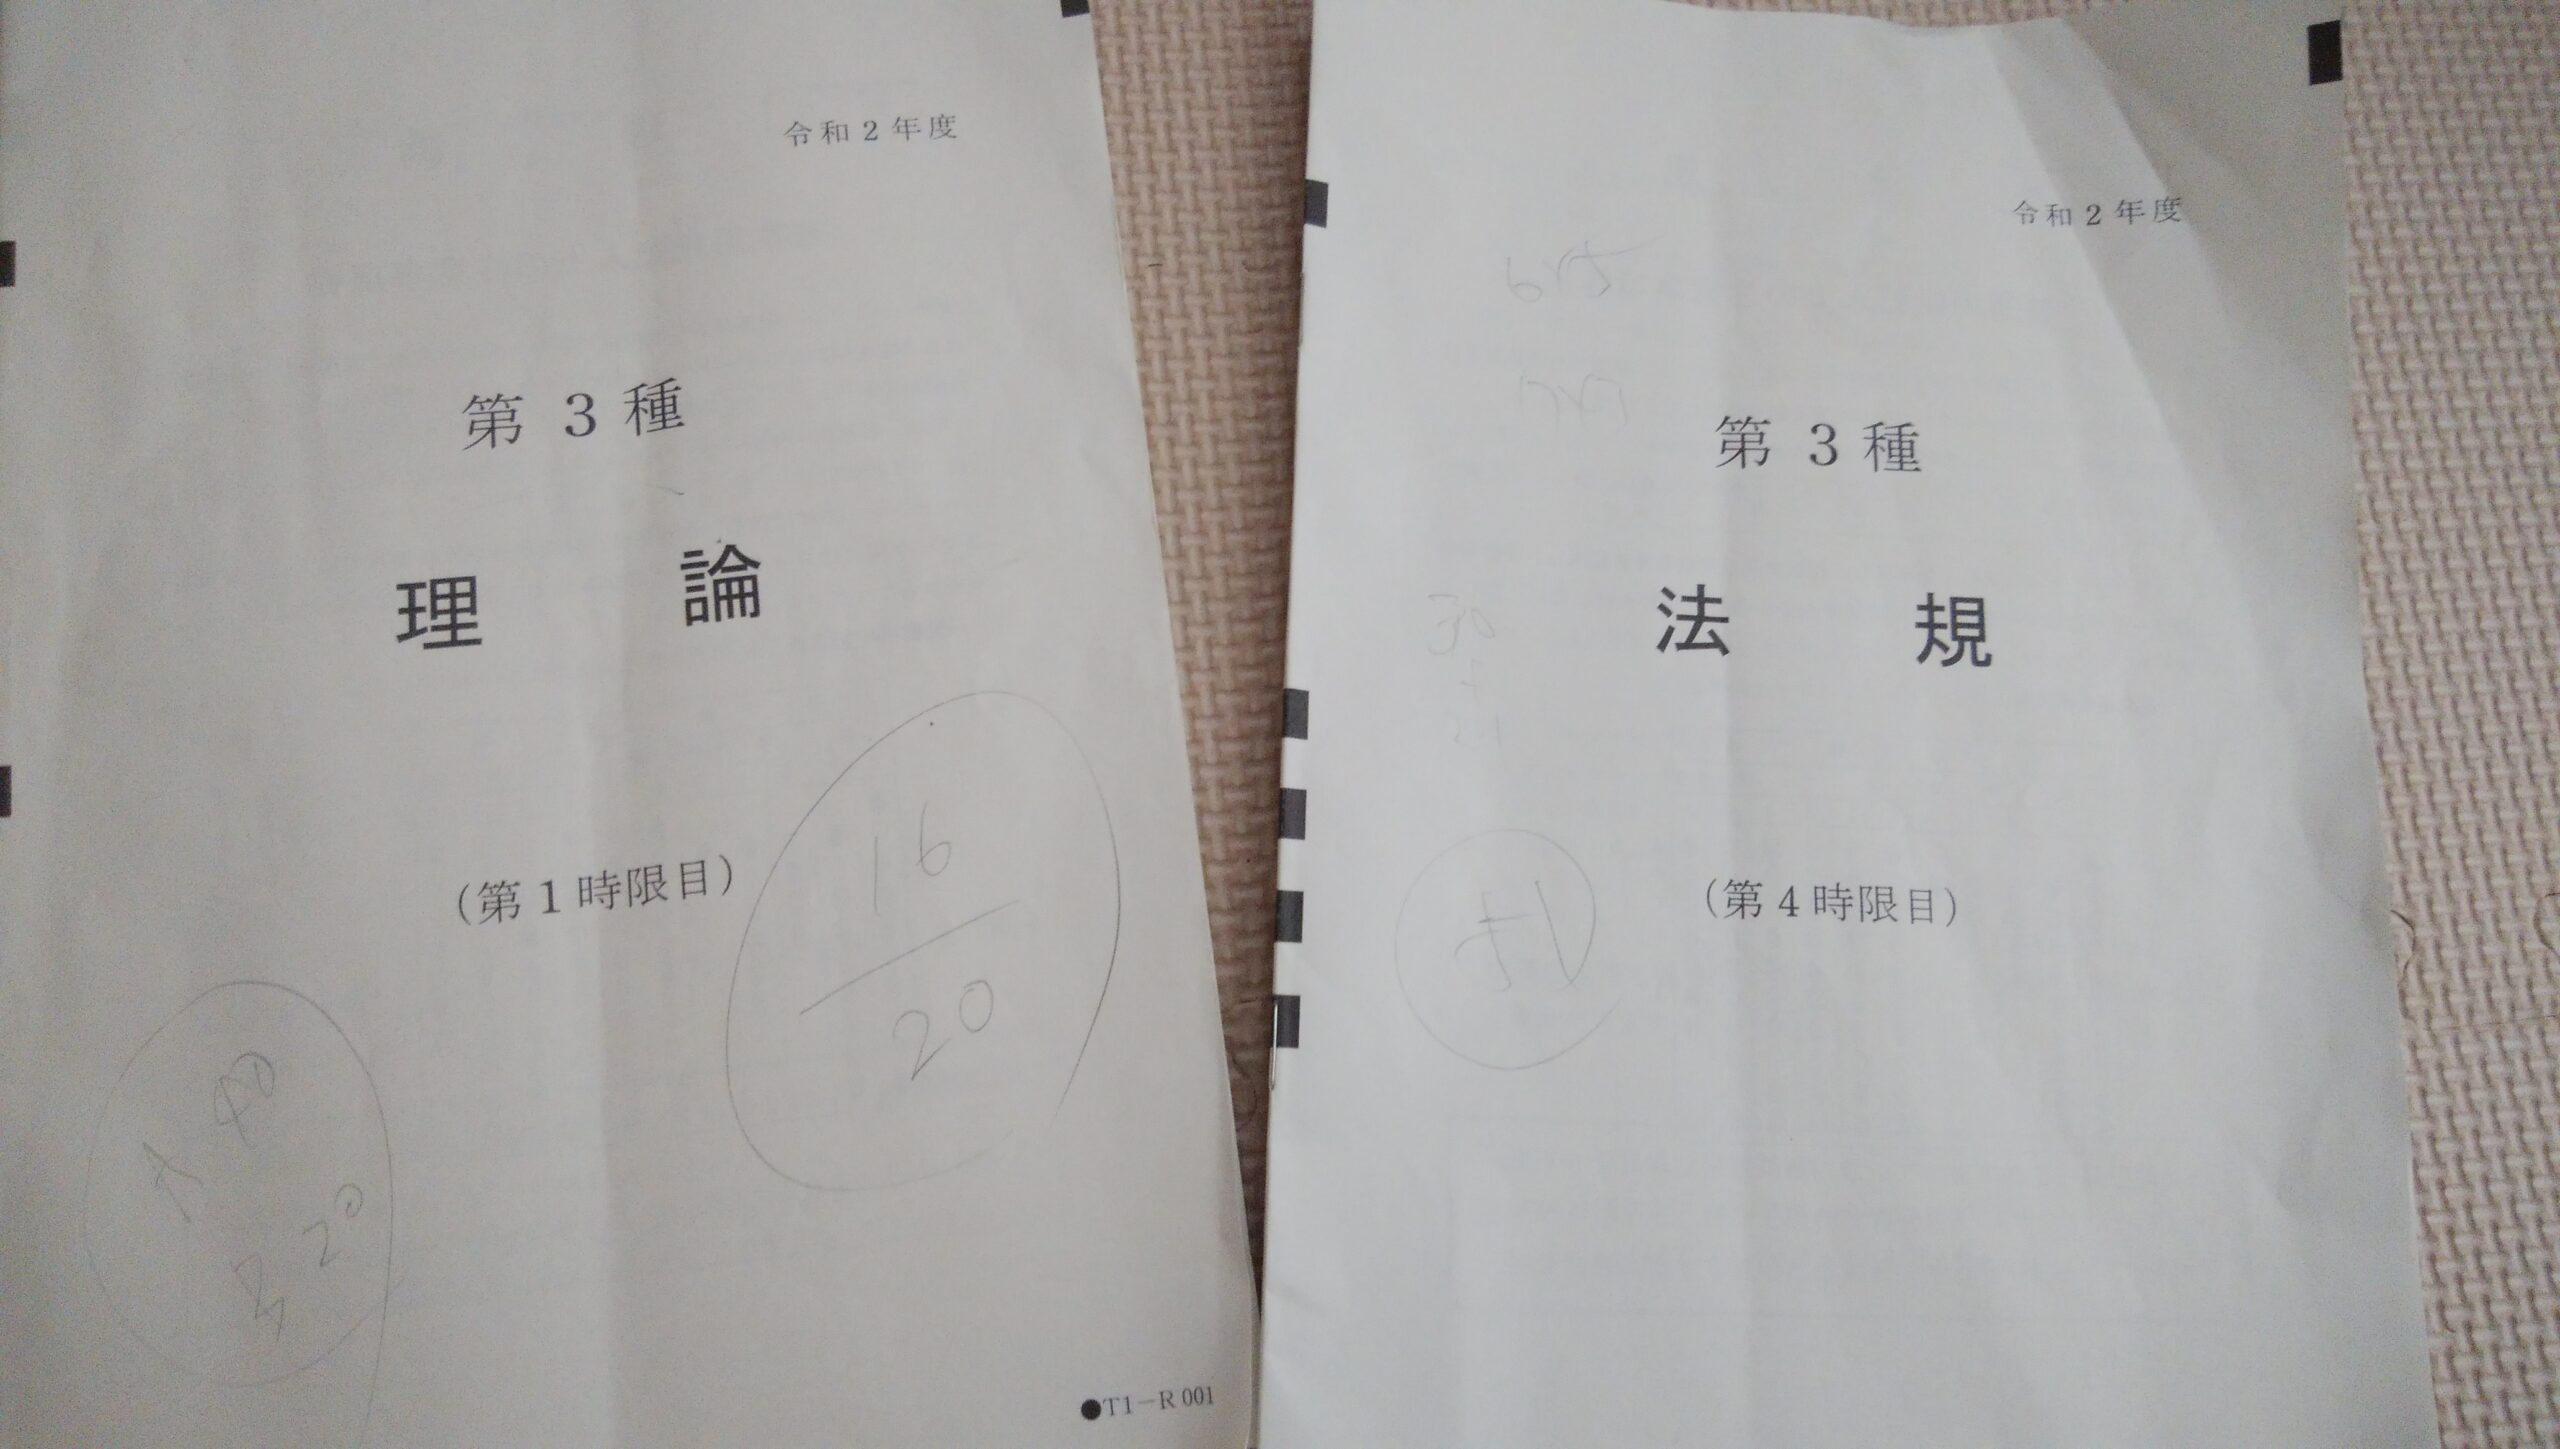 令和2年電検三種に行ってきました【理論と法規の感想】「大阪工業大学枚方キャンパスにて」